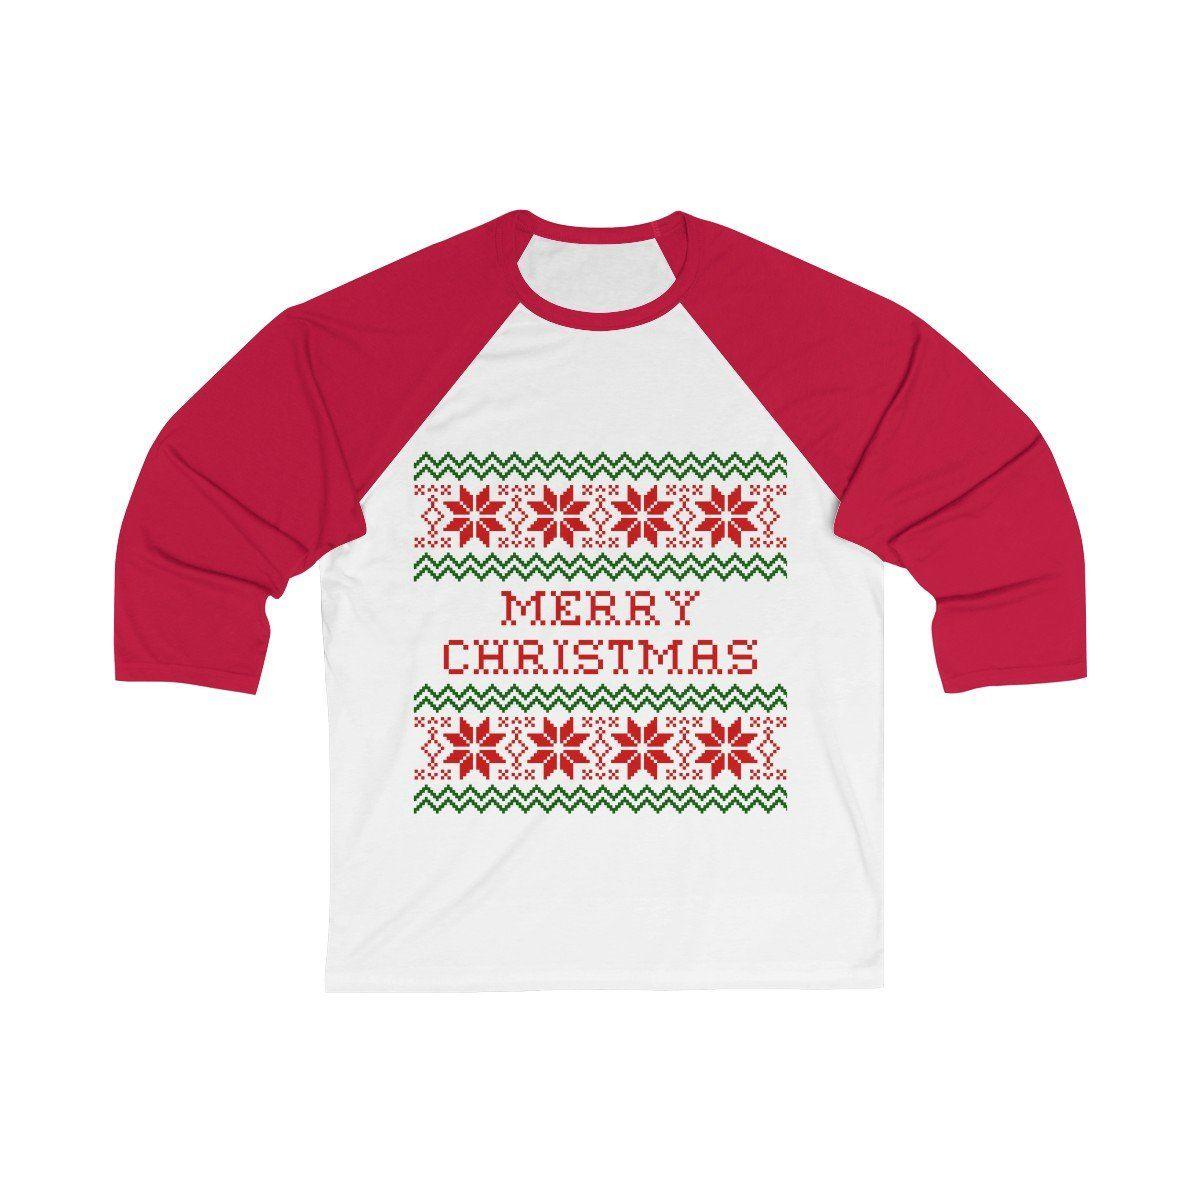 0d5a1ca1 Nice Tops, Christen, Gauges, Merry Christmas, Unisex, Baseball, Merry Little